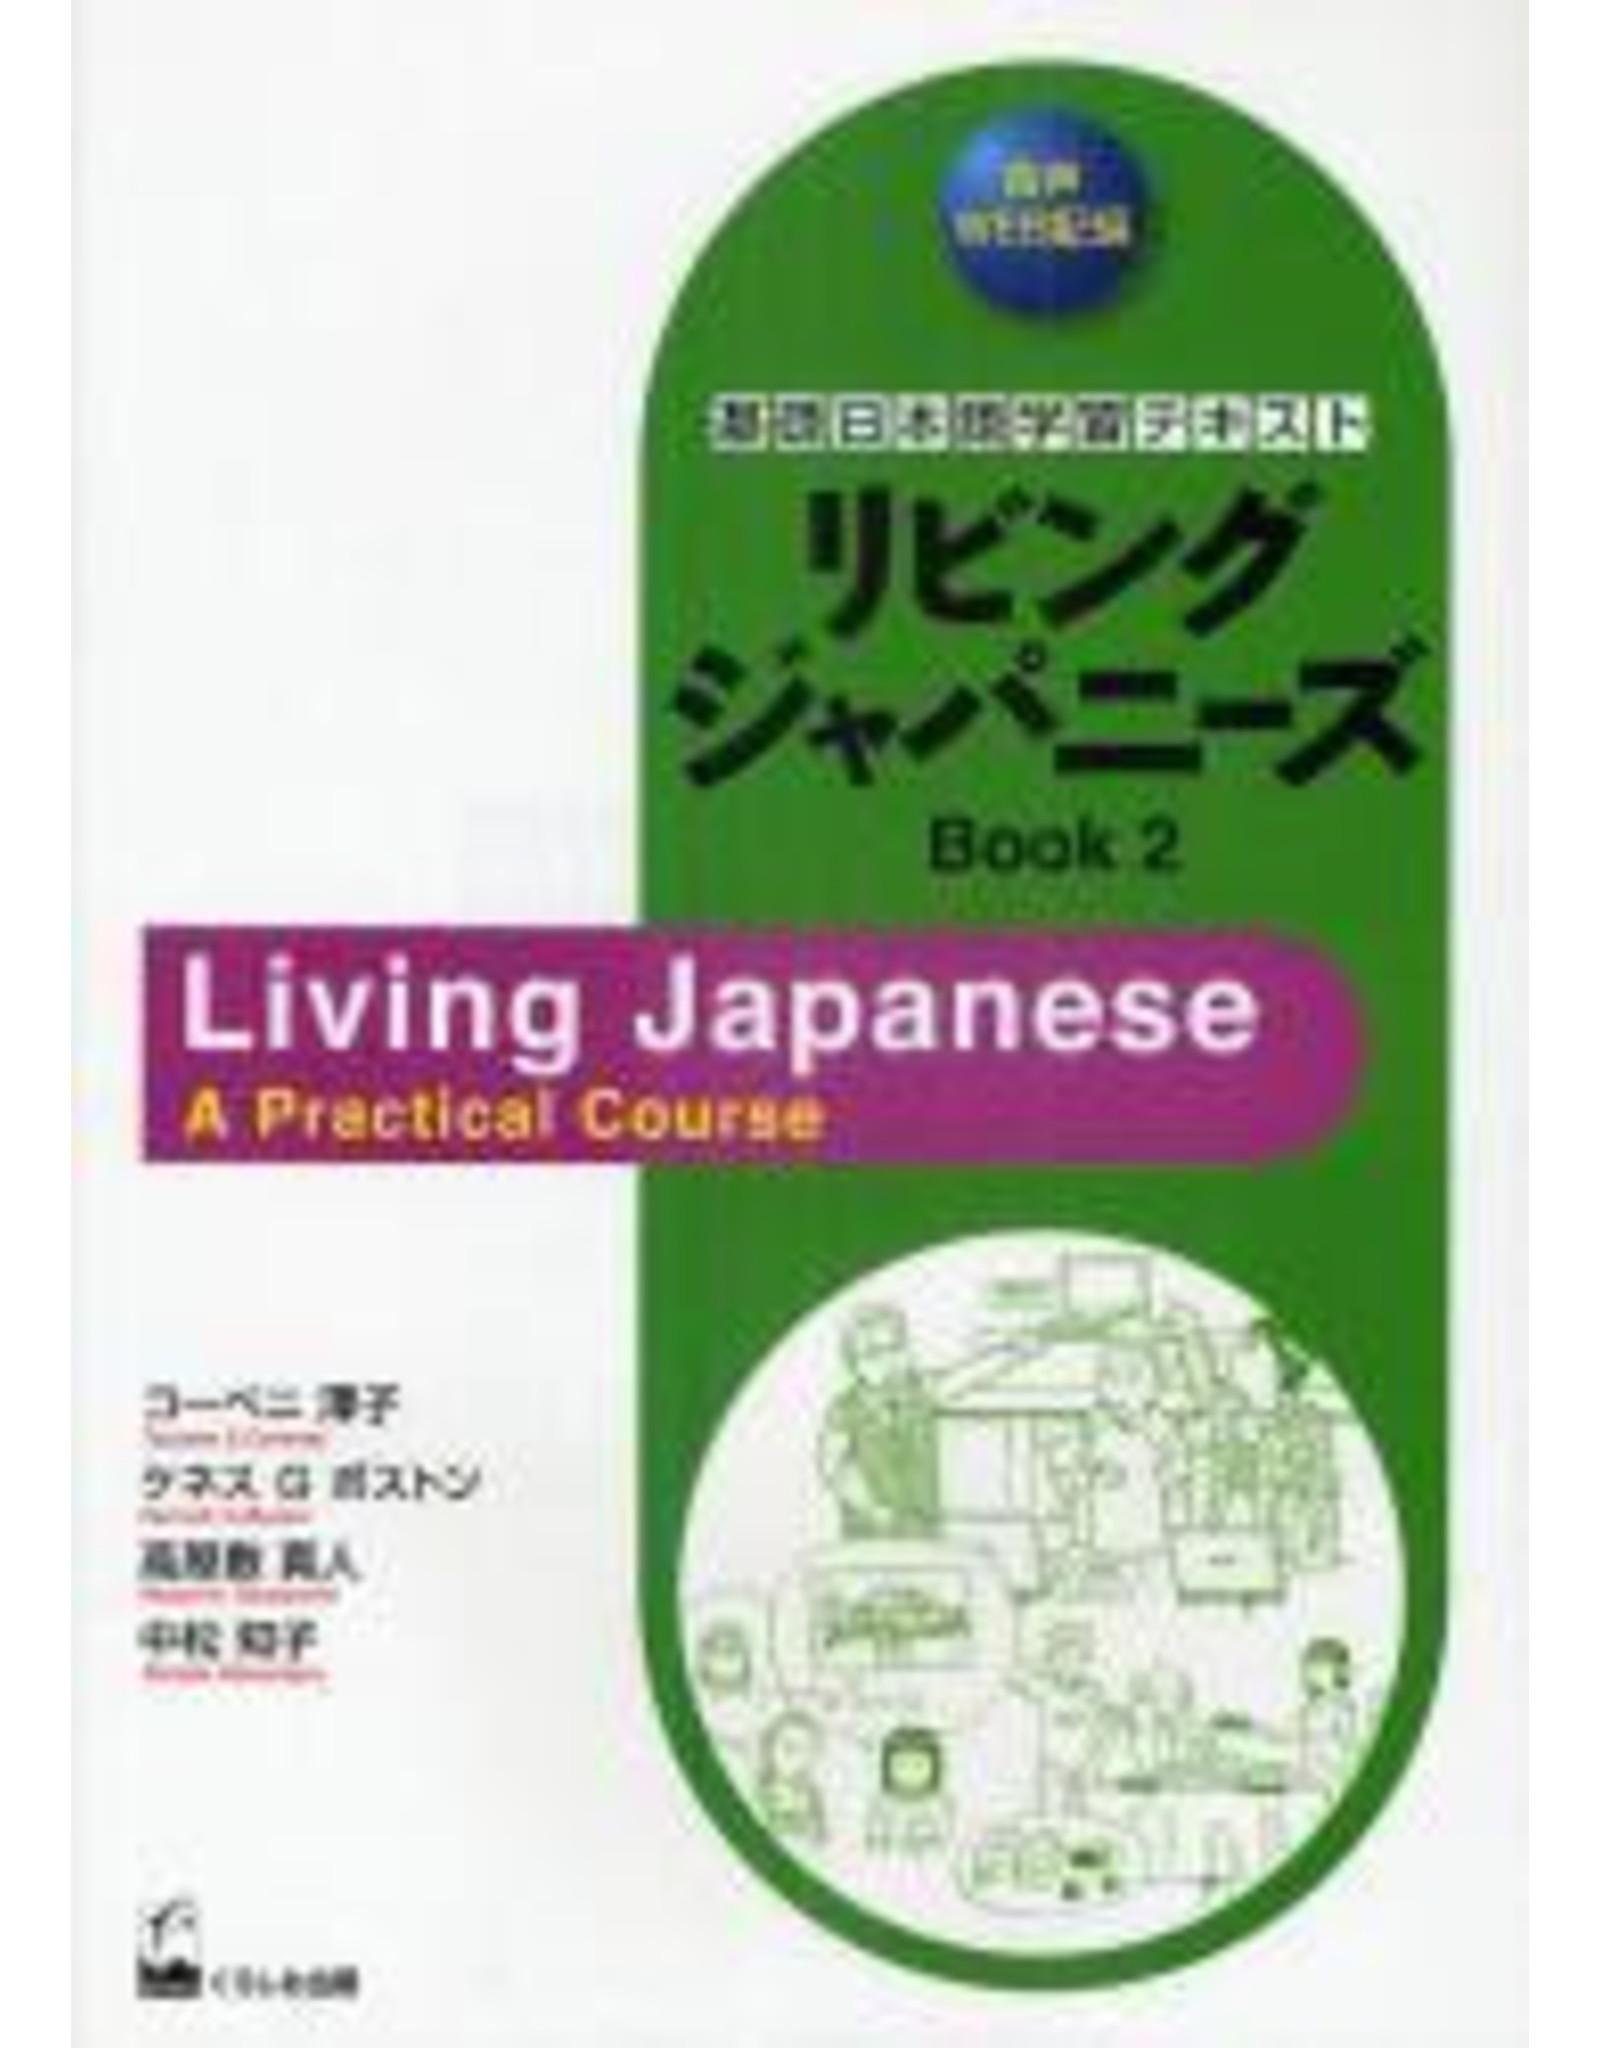 KUROSHIO LIVING JAPANESE : PRACTICAL COURSE BOOK 2